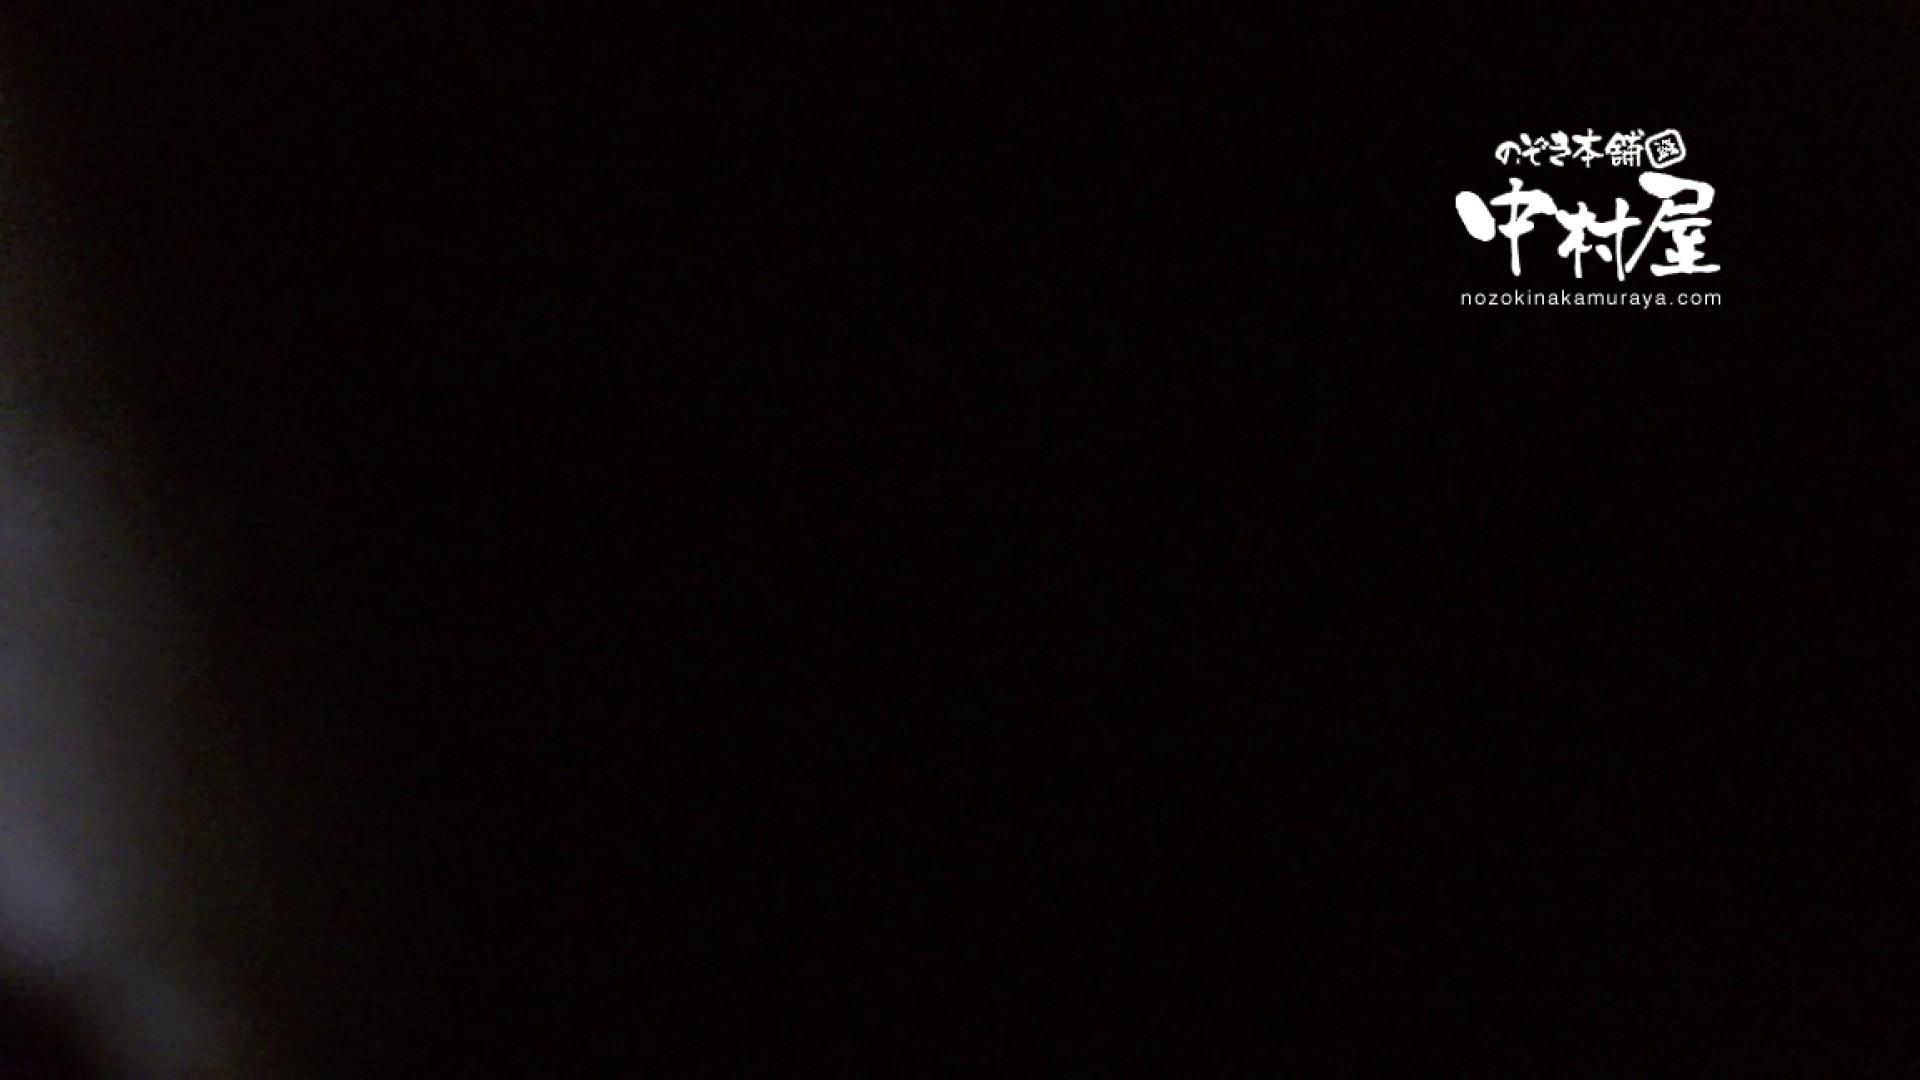 鬼畜 vol.15 ハスキーボイスで感じてんじゃねーよ! 前編 鬼畜  77pic 8